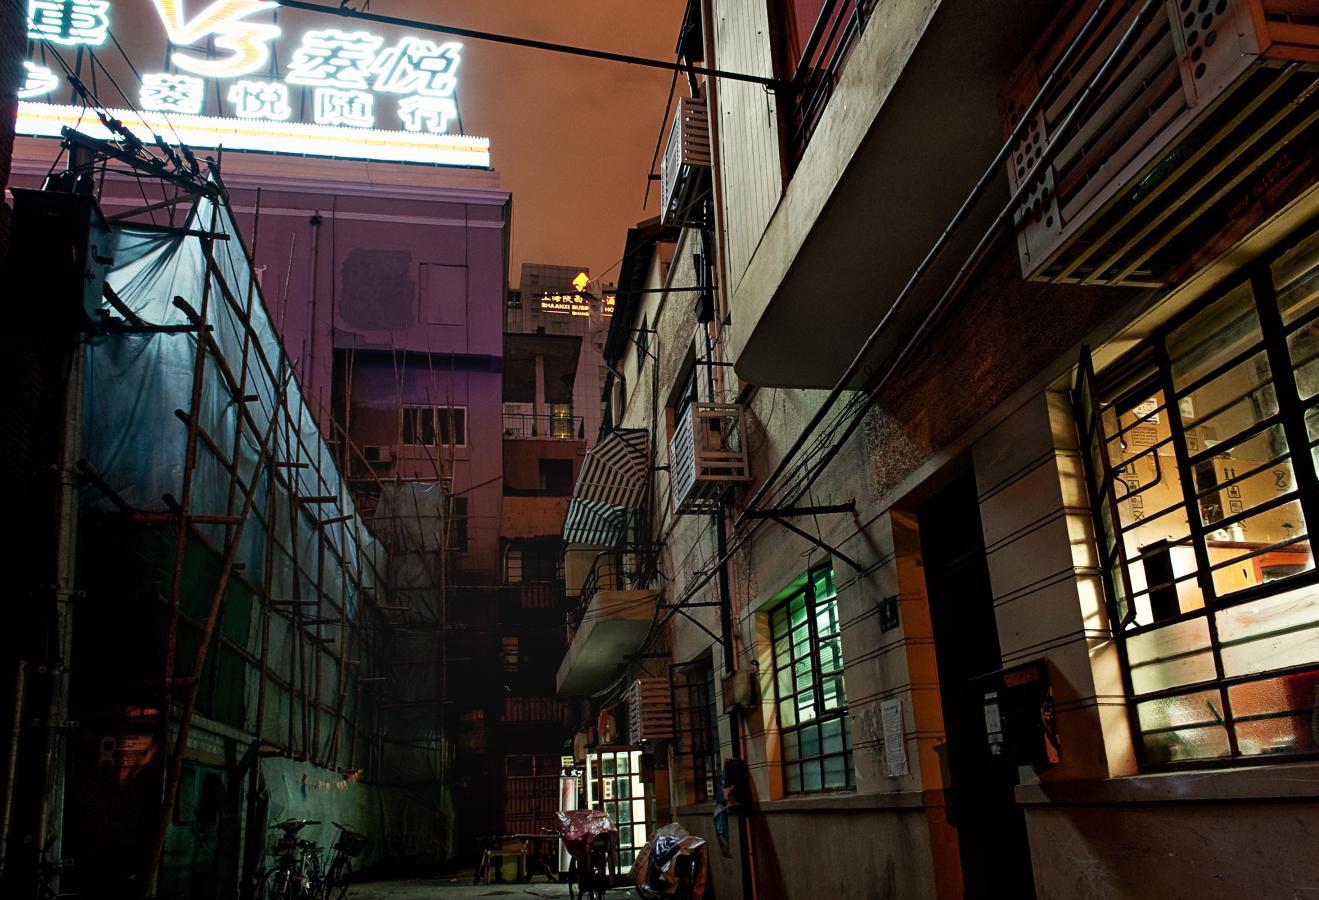 dark-alley-shanghai-2010